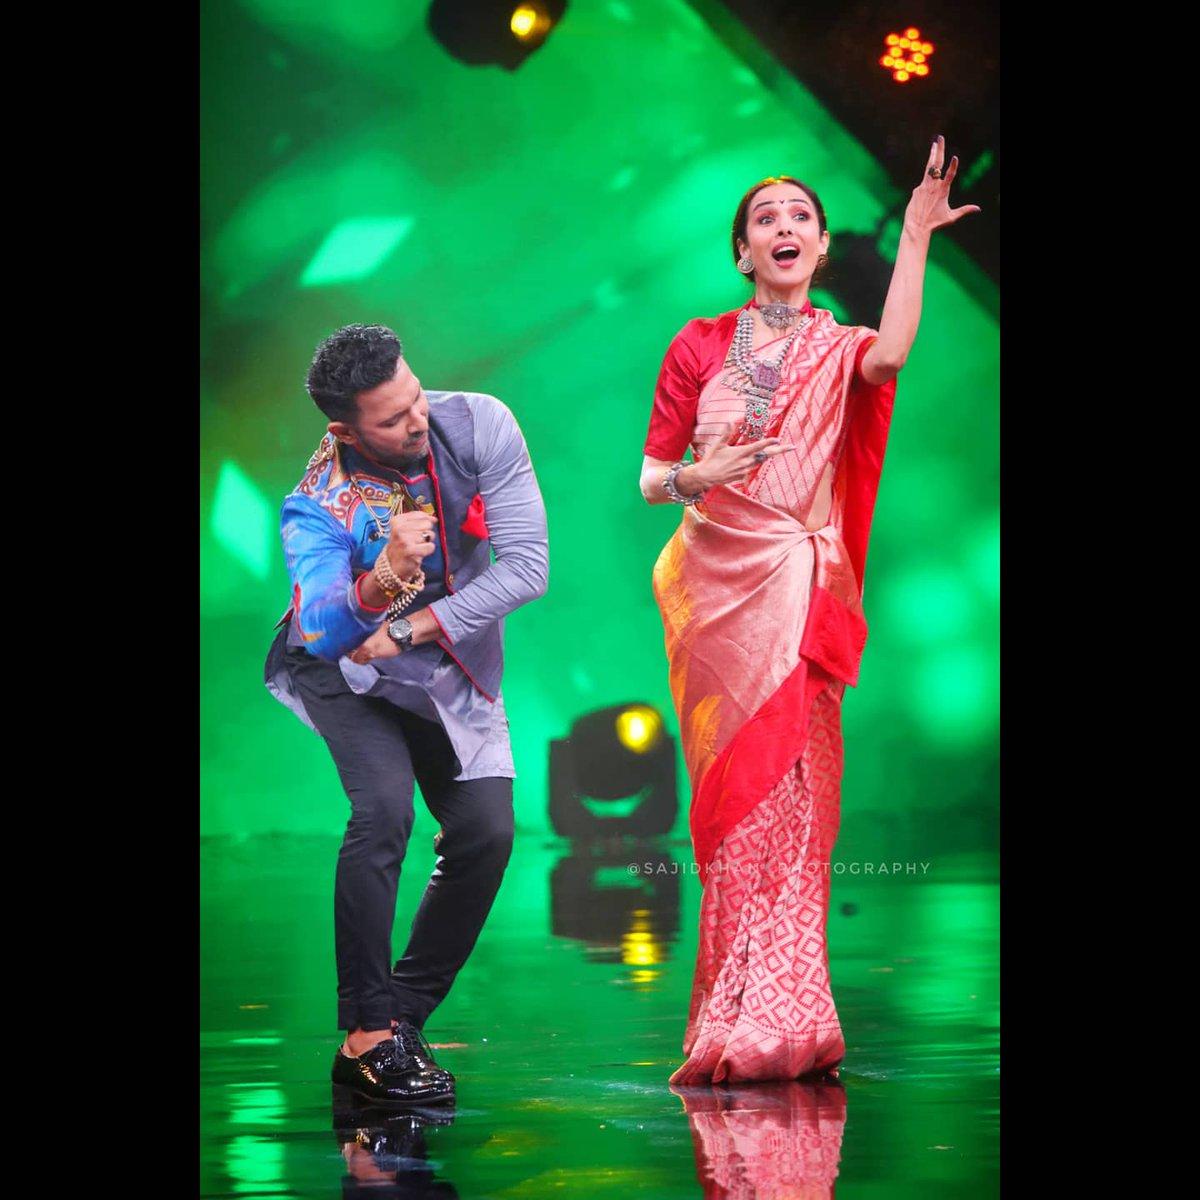 You know you are a true Mumbaikar when you take every opportunity to do the VISARJAN dance ! Ek alag feeling hain isme! Kya bolti hai publeek?  #IndiasBestDancer #IBD  #IBDOnceMore #Visarjan #Dance #BTS @SonyTV https://t.co/xQGhmLPDsH